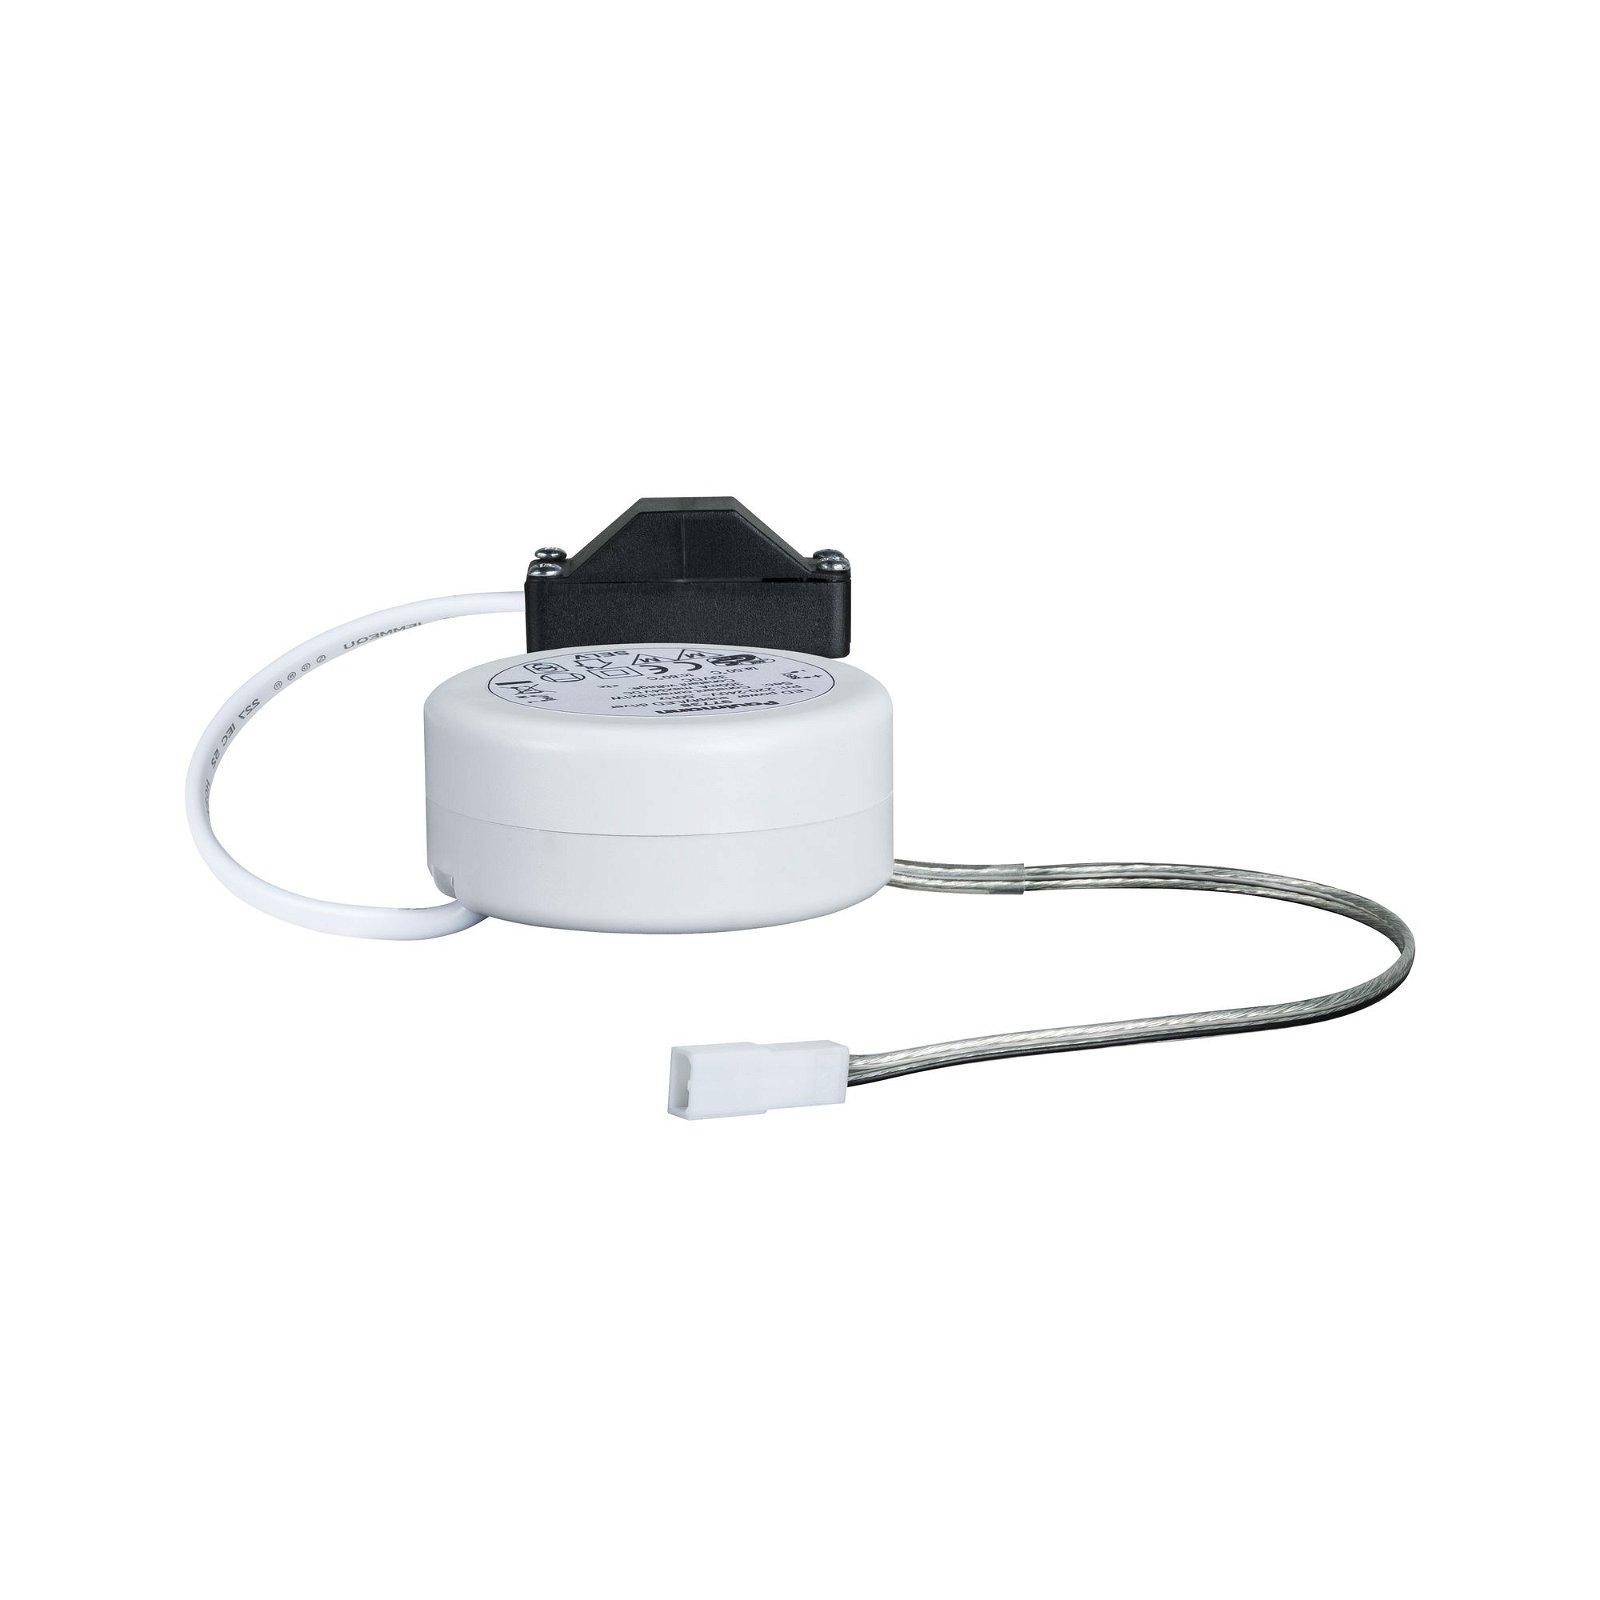 Driver LED 230V 10VA Blanc